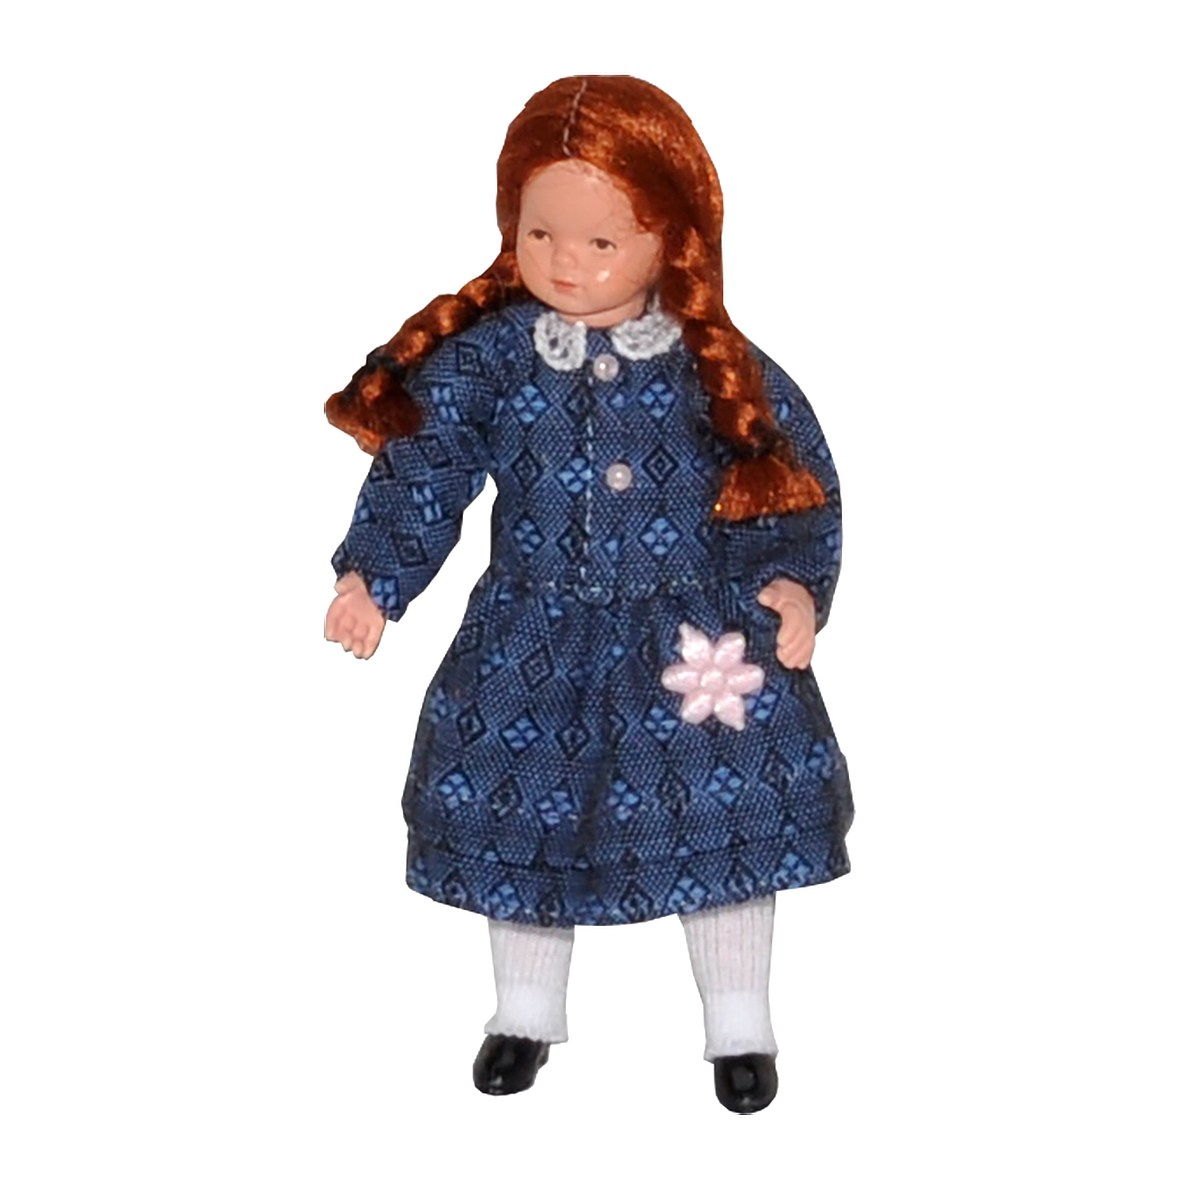 Mädchen im blau-karierten Kleid